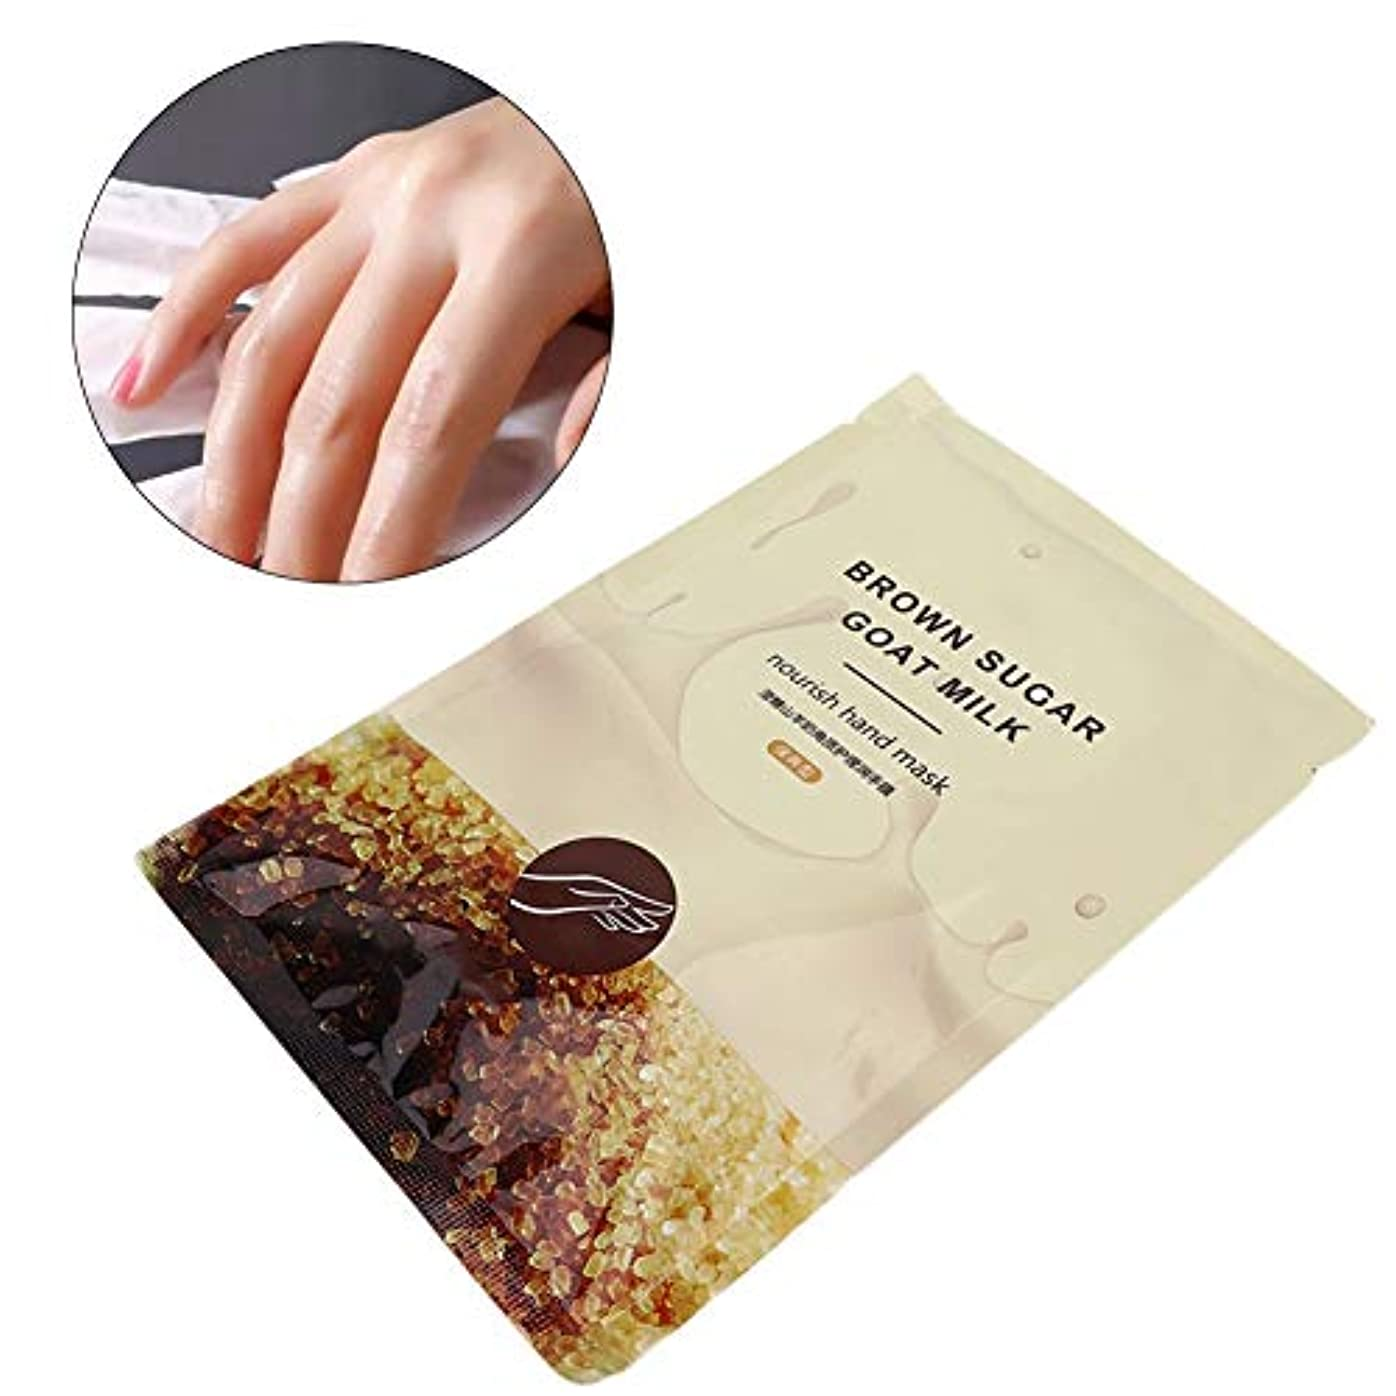 xuuyuu ハンドマスク ハンドケア ハンドパック 手 角質ケア 保湿 潤い 美白 スキンケア エイジングケア 手荒れ 使用簡単 1ペア